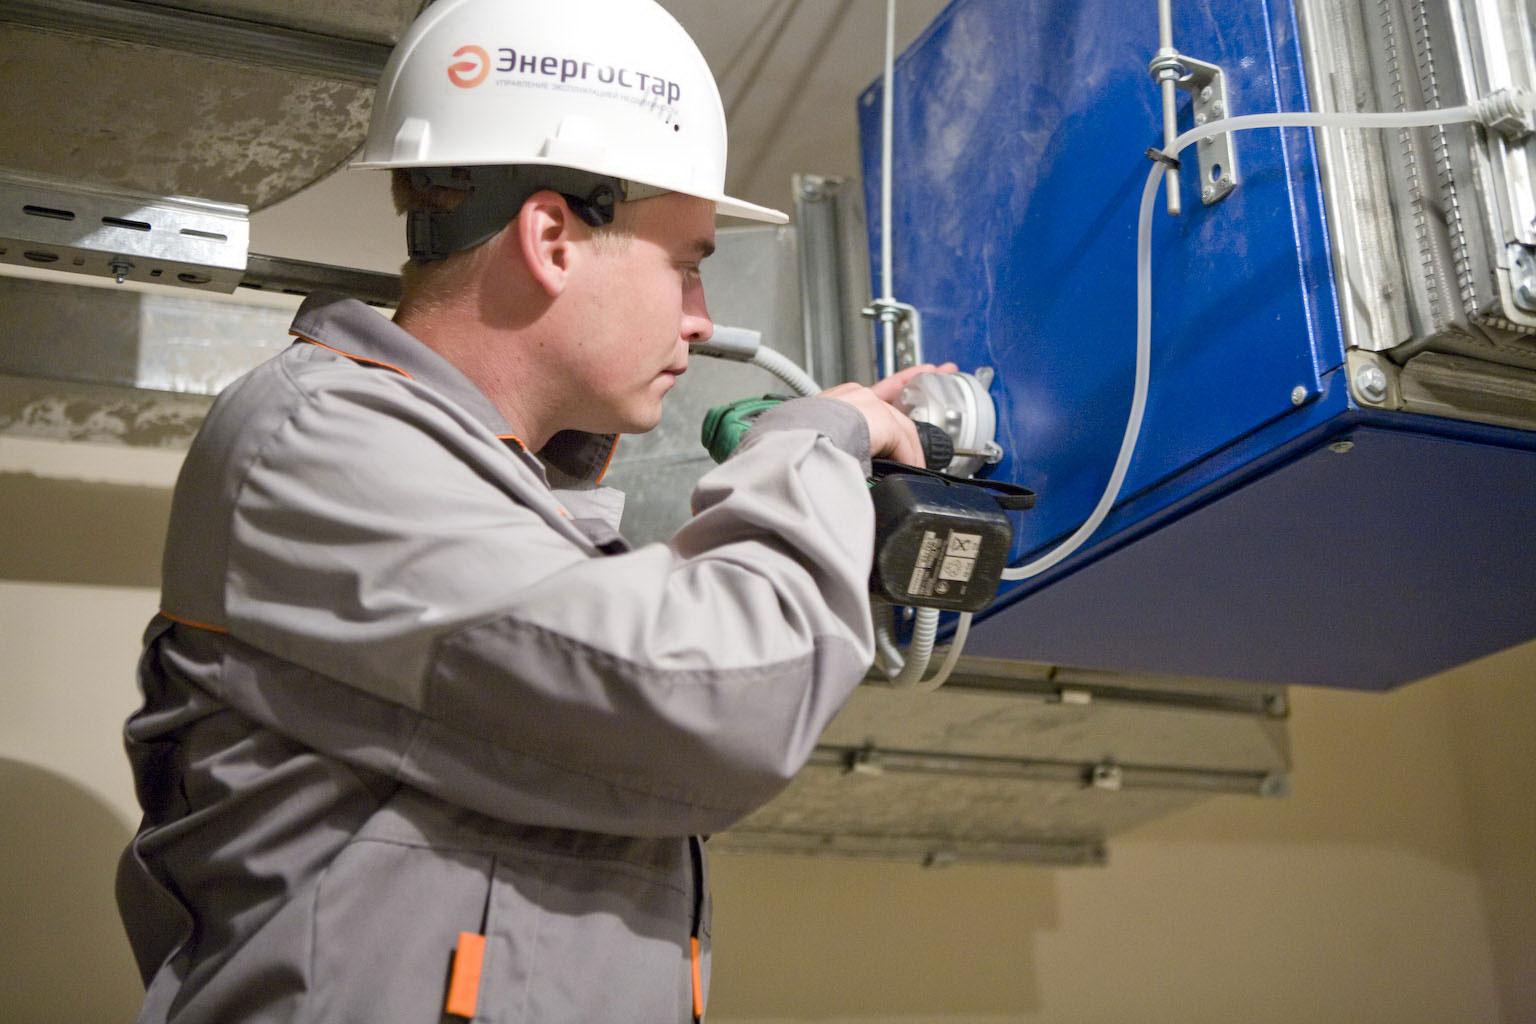 Обслуживание вентиляции, если она плохо спроектирована, может стать проблемой не только для сервисной организации, но прежде всего для владельца помещений